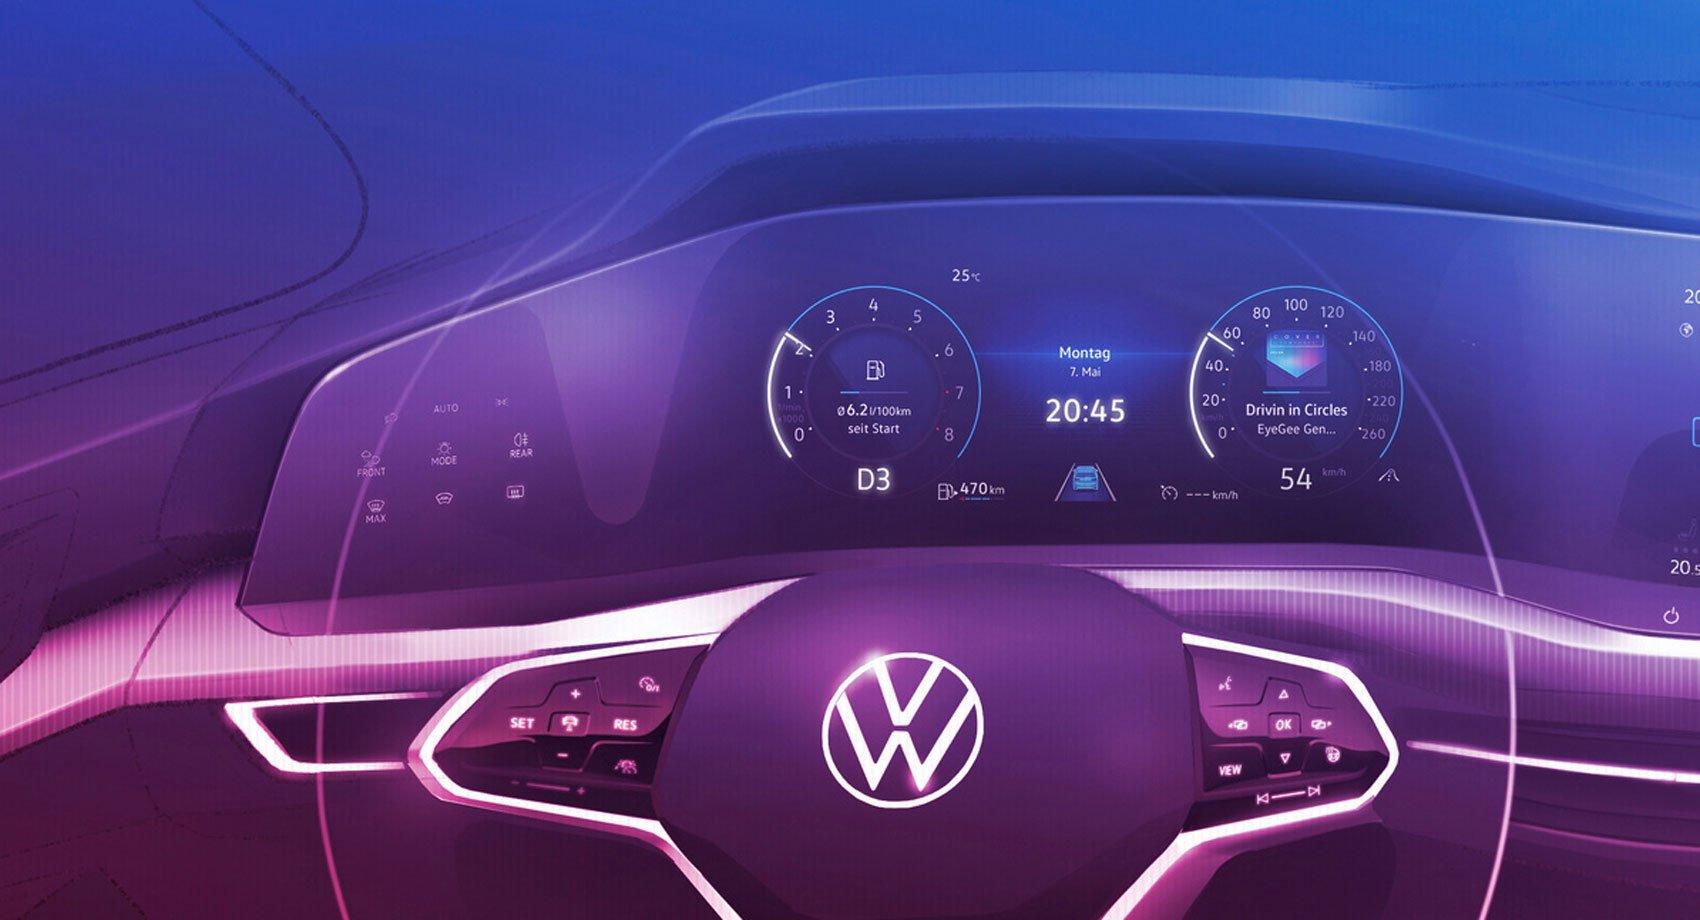 Первые официальные изображения нового Volkswagen Golf 8 2020